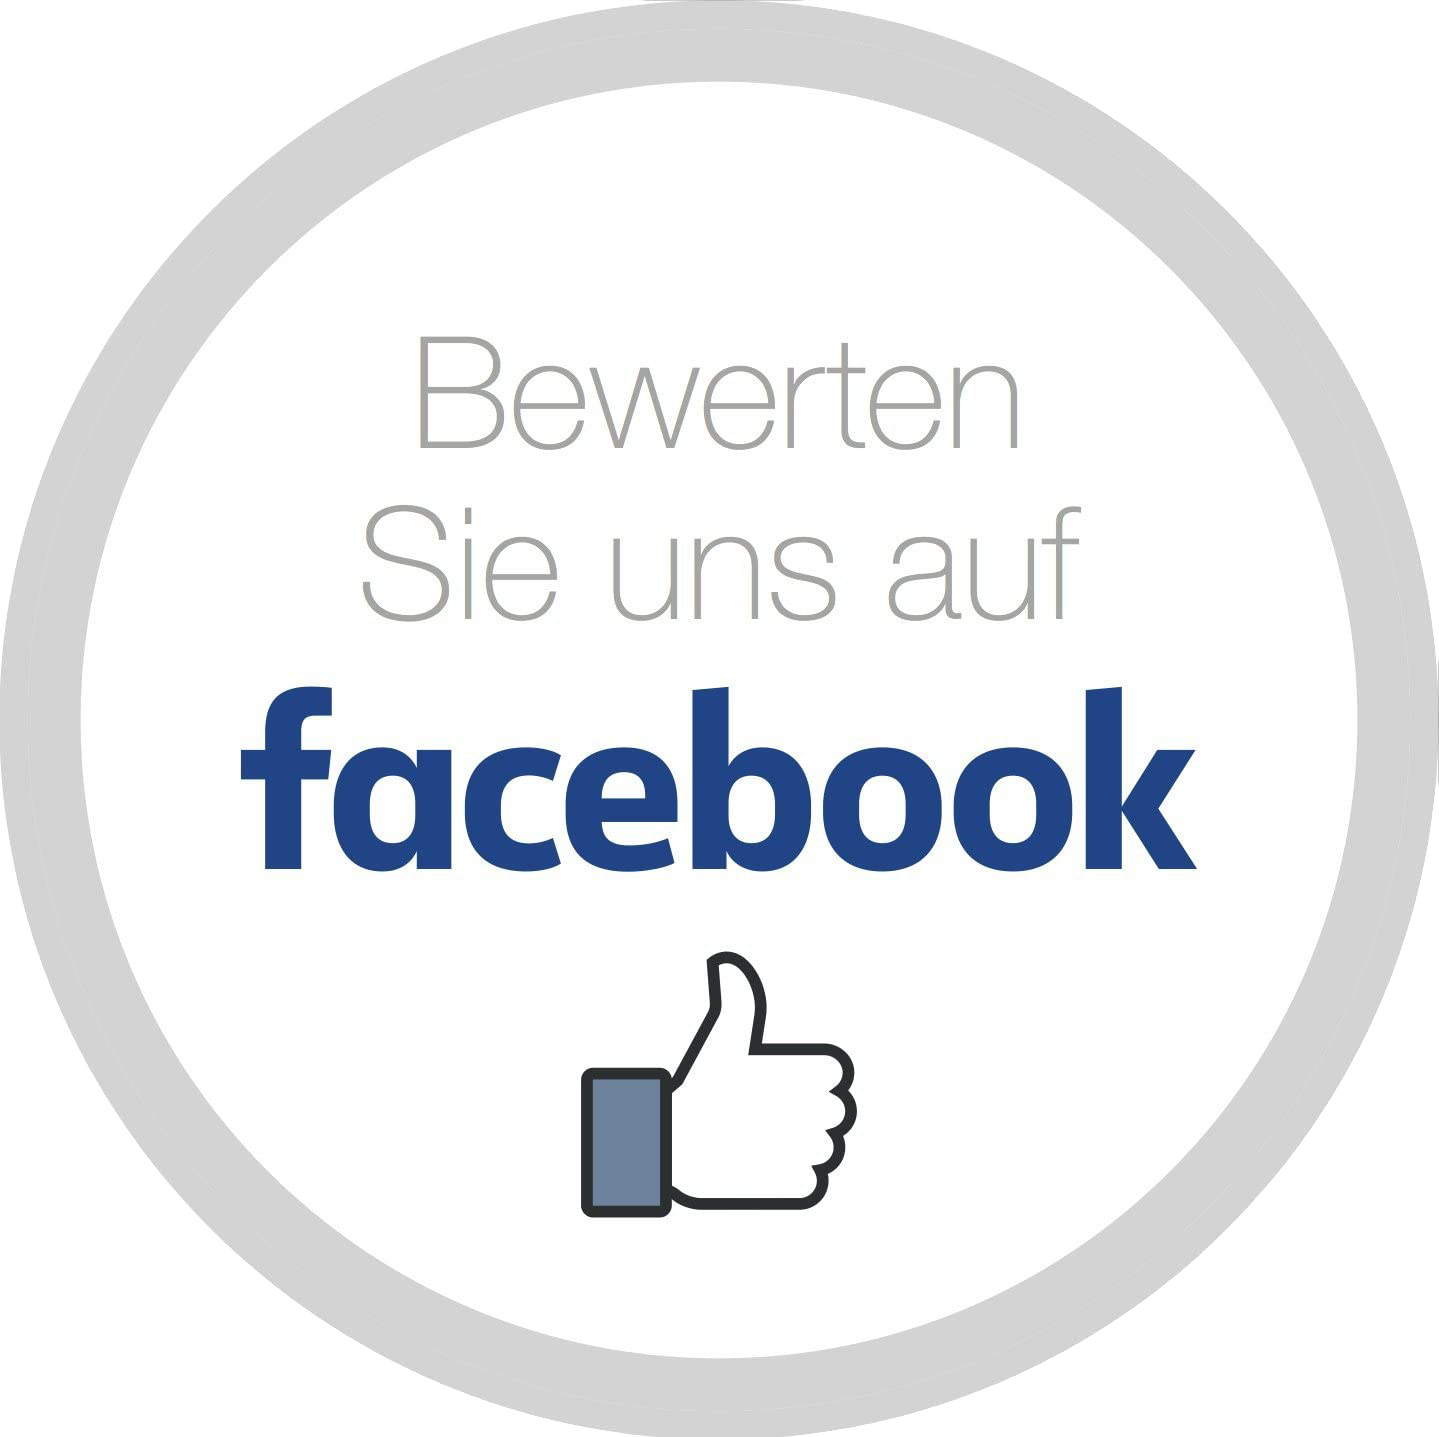 Reinigungsfirma München - Facebook Bewertungen